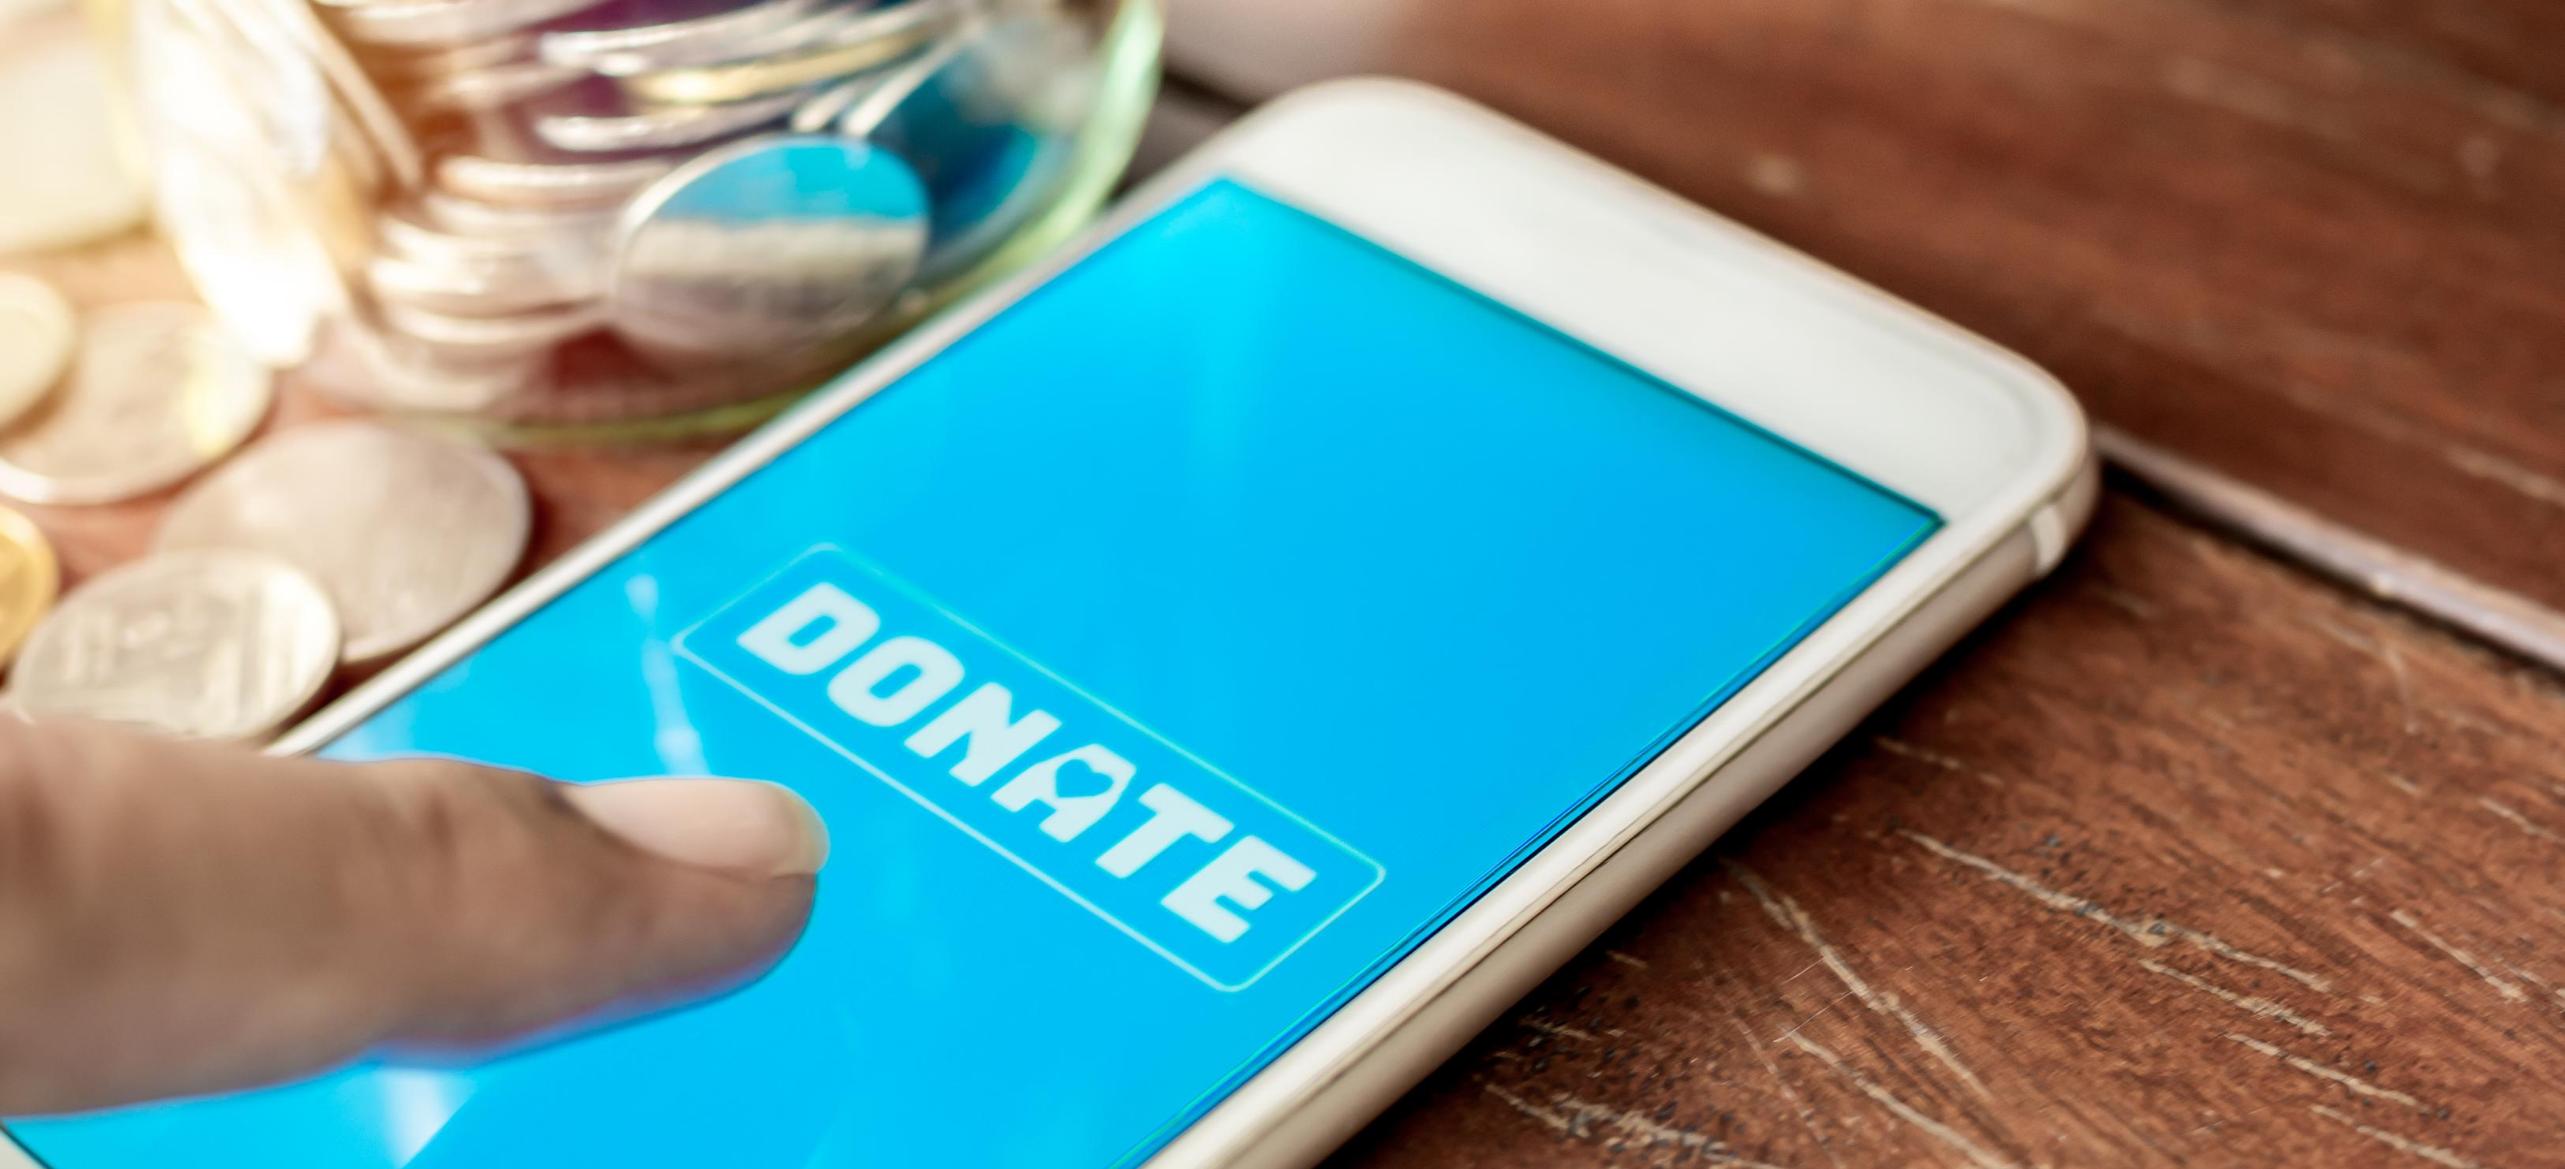 Llegó la hora del fundraising digital: beneficios, estrategias y casos de éxito